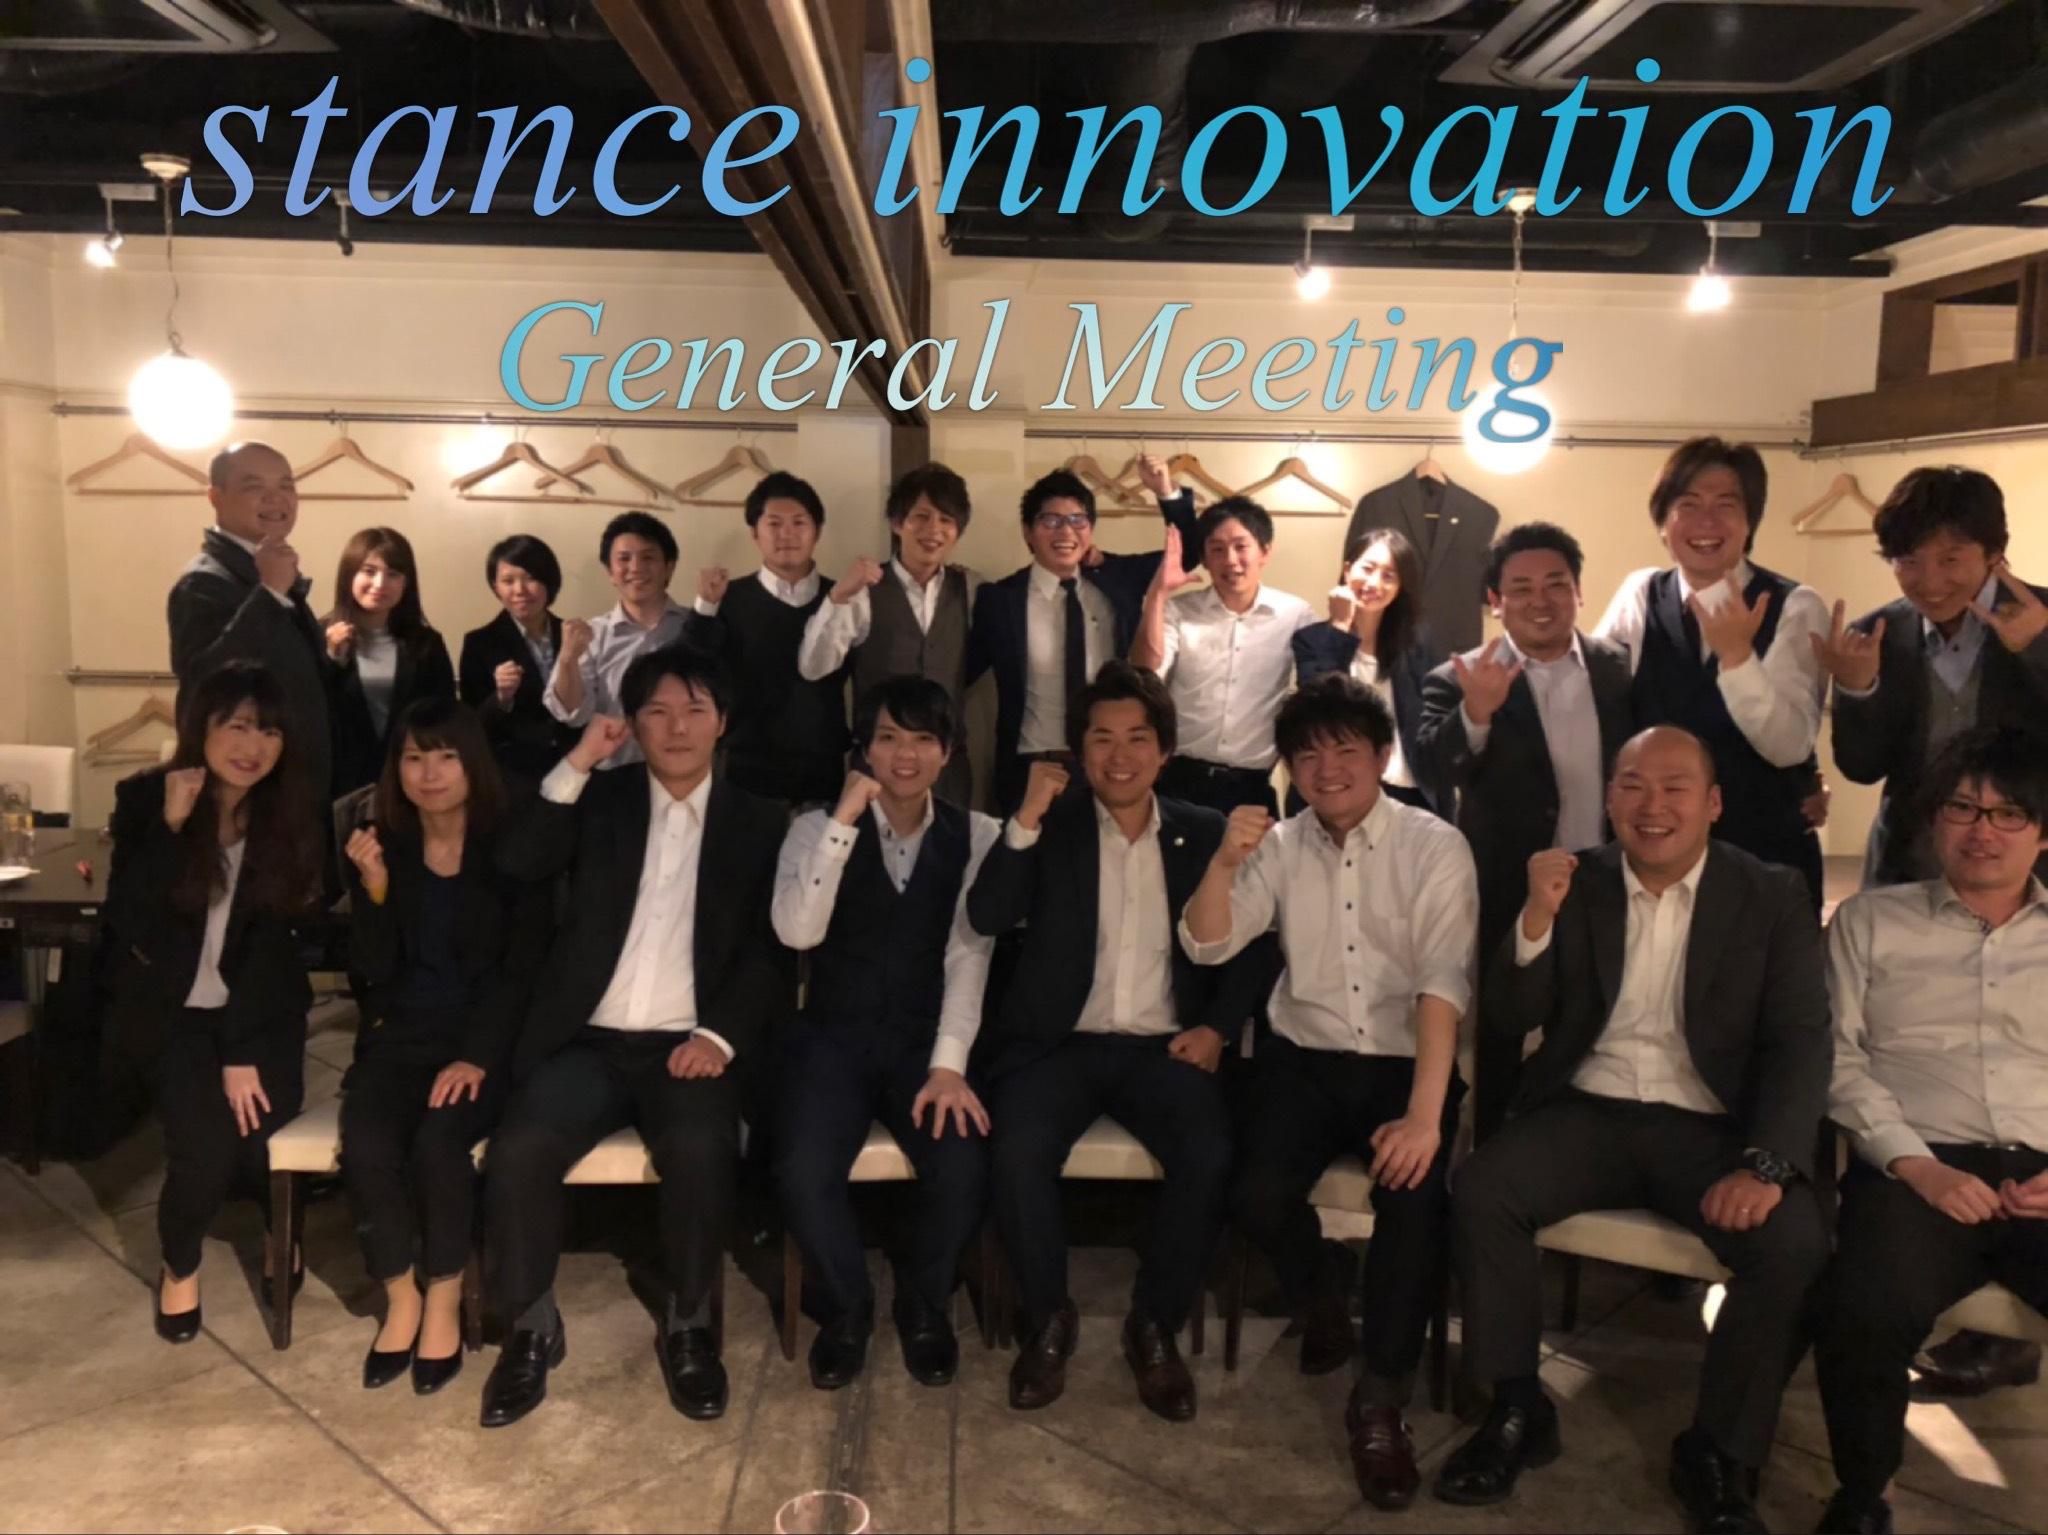 株式会社stance innovation